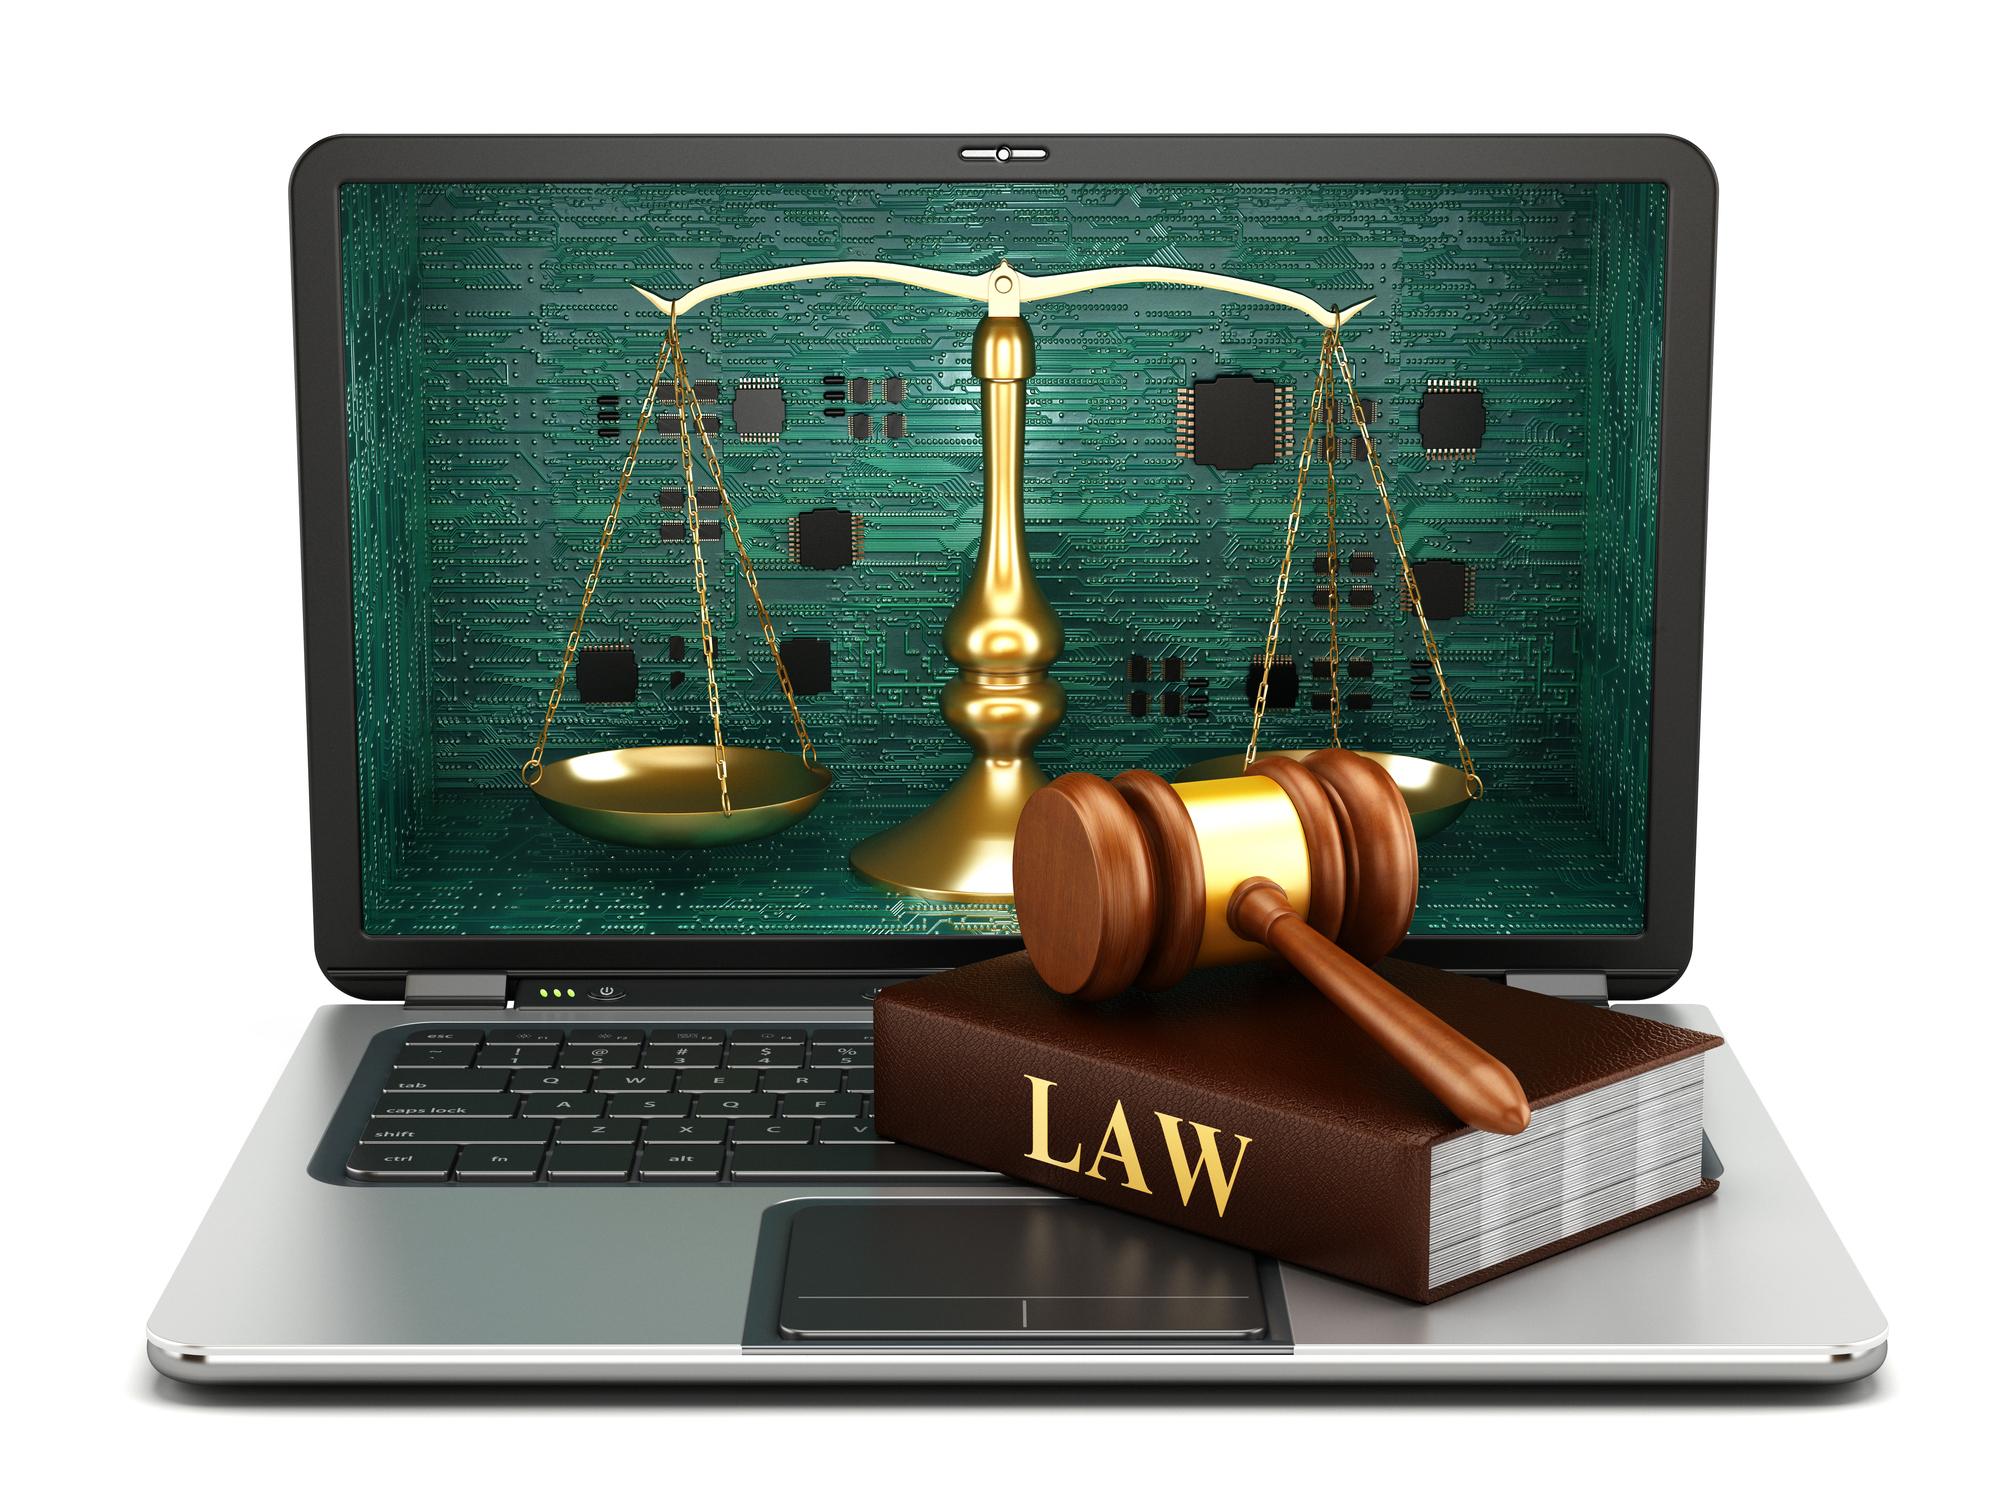 Интернет и право картинки